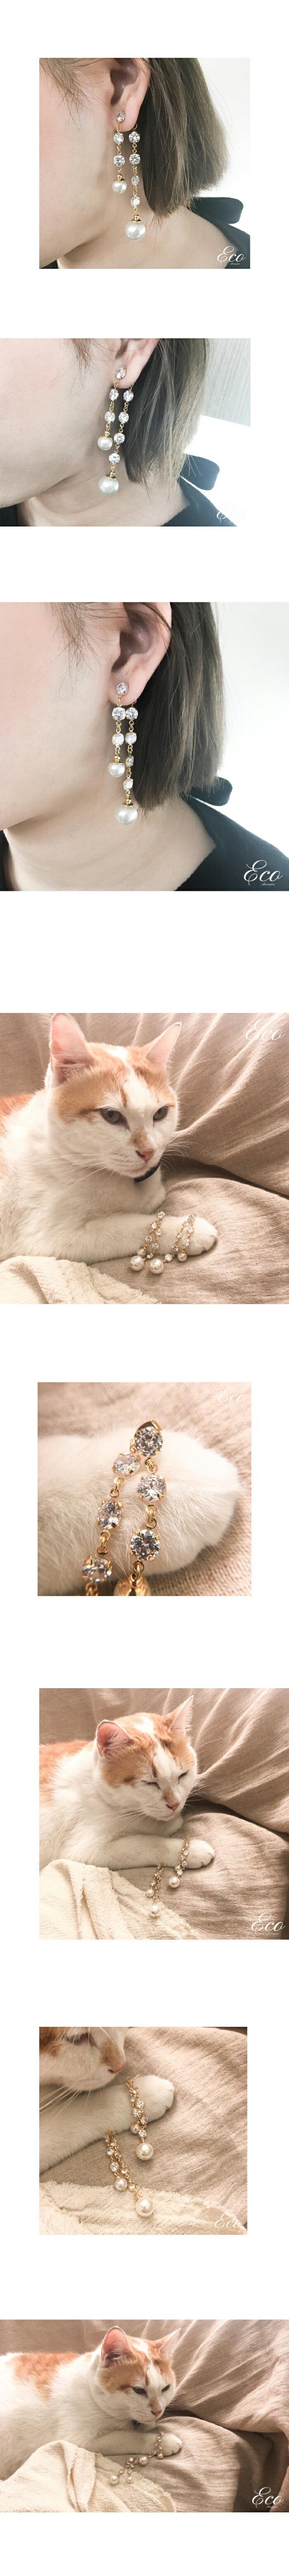 夾式耳環,耳夾式耳環,針式耳環,流蘇耳環,鑽石耳環,璀璨耳環,華麗耳環,垂墜耳環,無耳洞耳環,正韓飾品,韓貨耳環